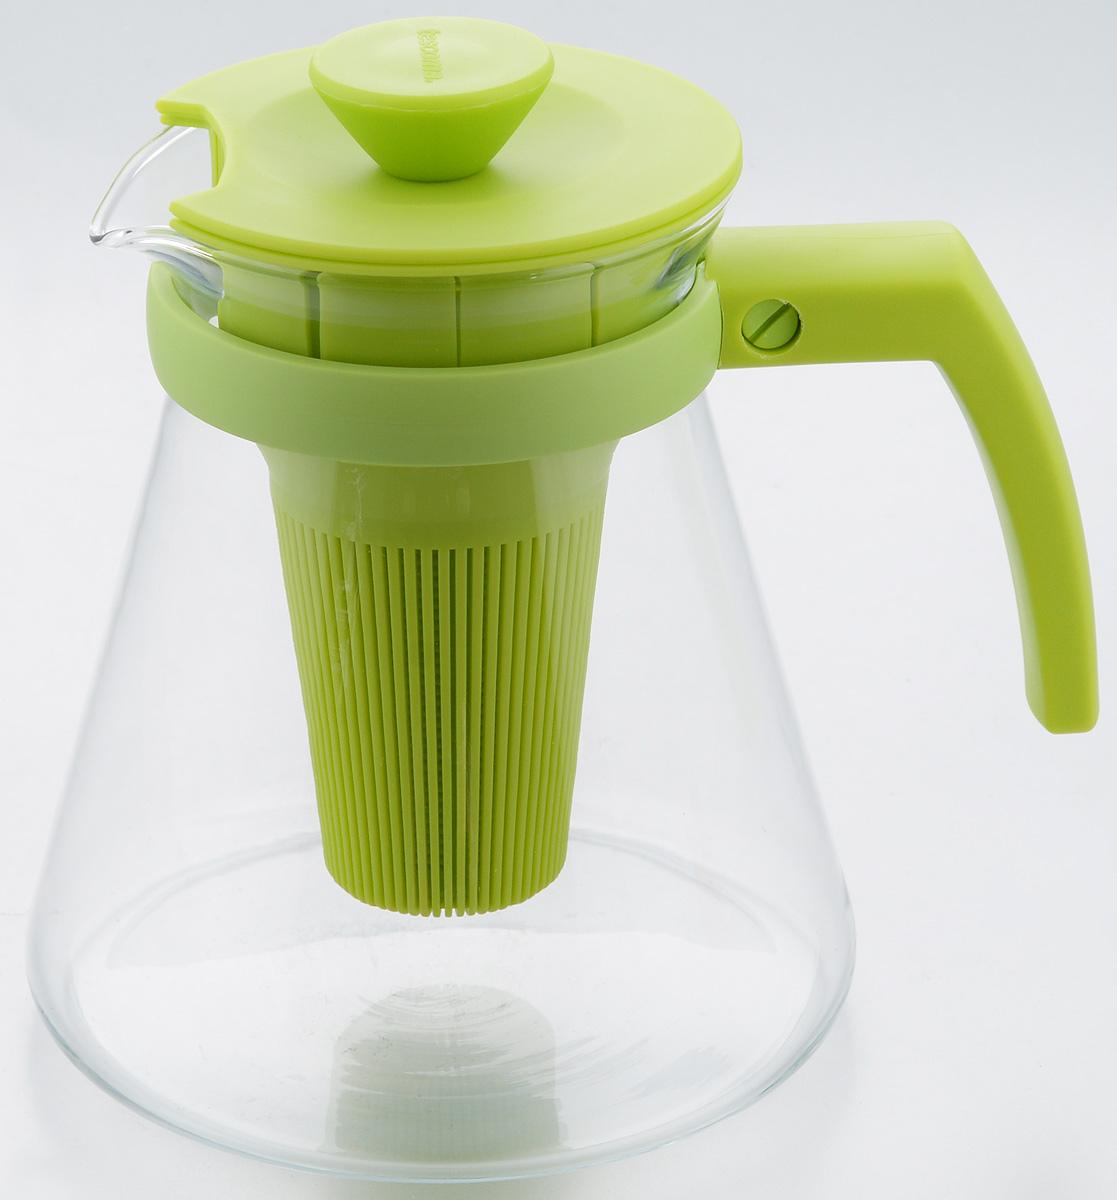 Чайник заварочный Tescoma Teo Tone, с ситечком, цвет: салатовый, прозрачный, 1,25 лVT-1520(SR)Чайник заварочный Tescoma Teo Tone предназначен для подготовки и сервировки всех видов чая и чайных напитков. Чайник снабжен глубоким ситечком для заваривания свежей мяты, мелиссы, имбиря, сушеного шиповника, фруктов, а также очень густым ситечком для заваривания всех видов рассыпного чая. Корпус чайника изготовлен из термостойкого боросиликатного стекла, поэтому его можно ставить на плиту. Ручка, крышка и ситечко изготовлены из прочного пластика. Чайник подходит для газовых, электрических и стеклокерамических плит, микроволновой печи. Не рекомендуется мыть в посудомоечной машине. Инструкция по использованию внутри упаковки. Диаметр (по верхнему краю): 10 см. Диаметр основания: 14 см. Высота: 16 см.